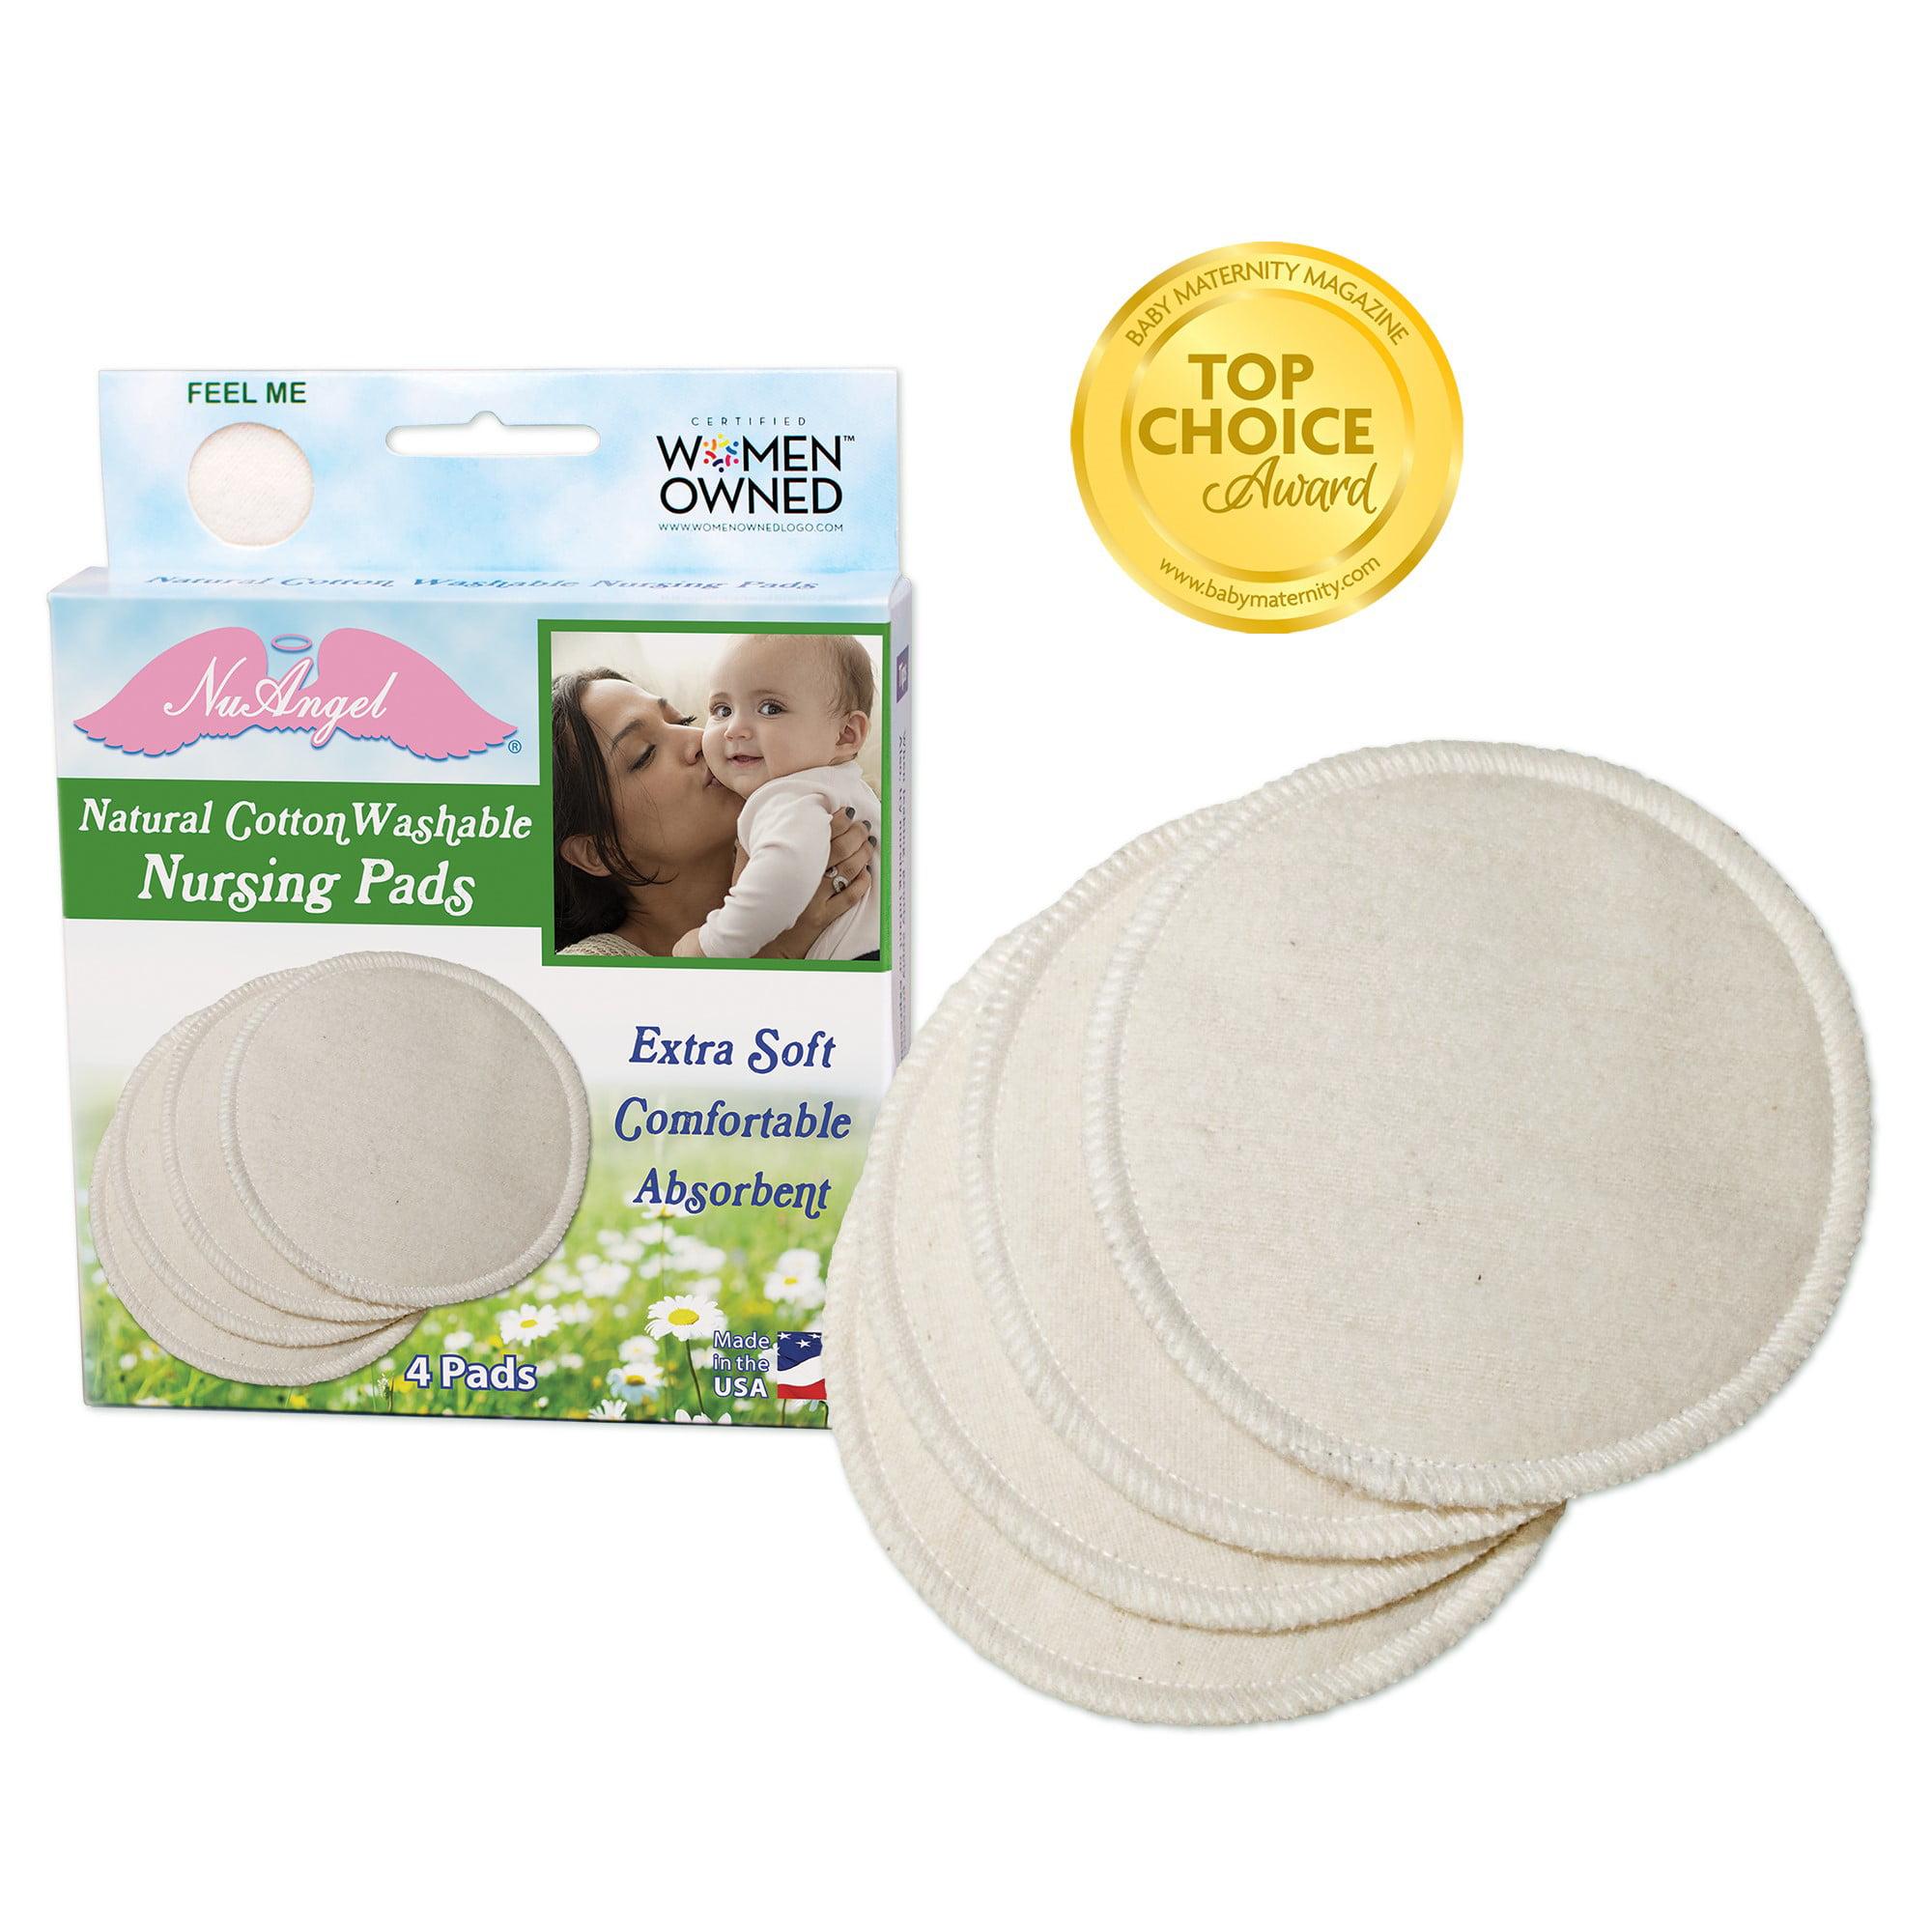 NuAngel Natural Cotton Washable Nursing Pads, 4 ct